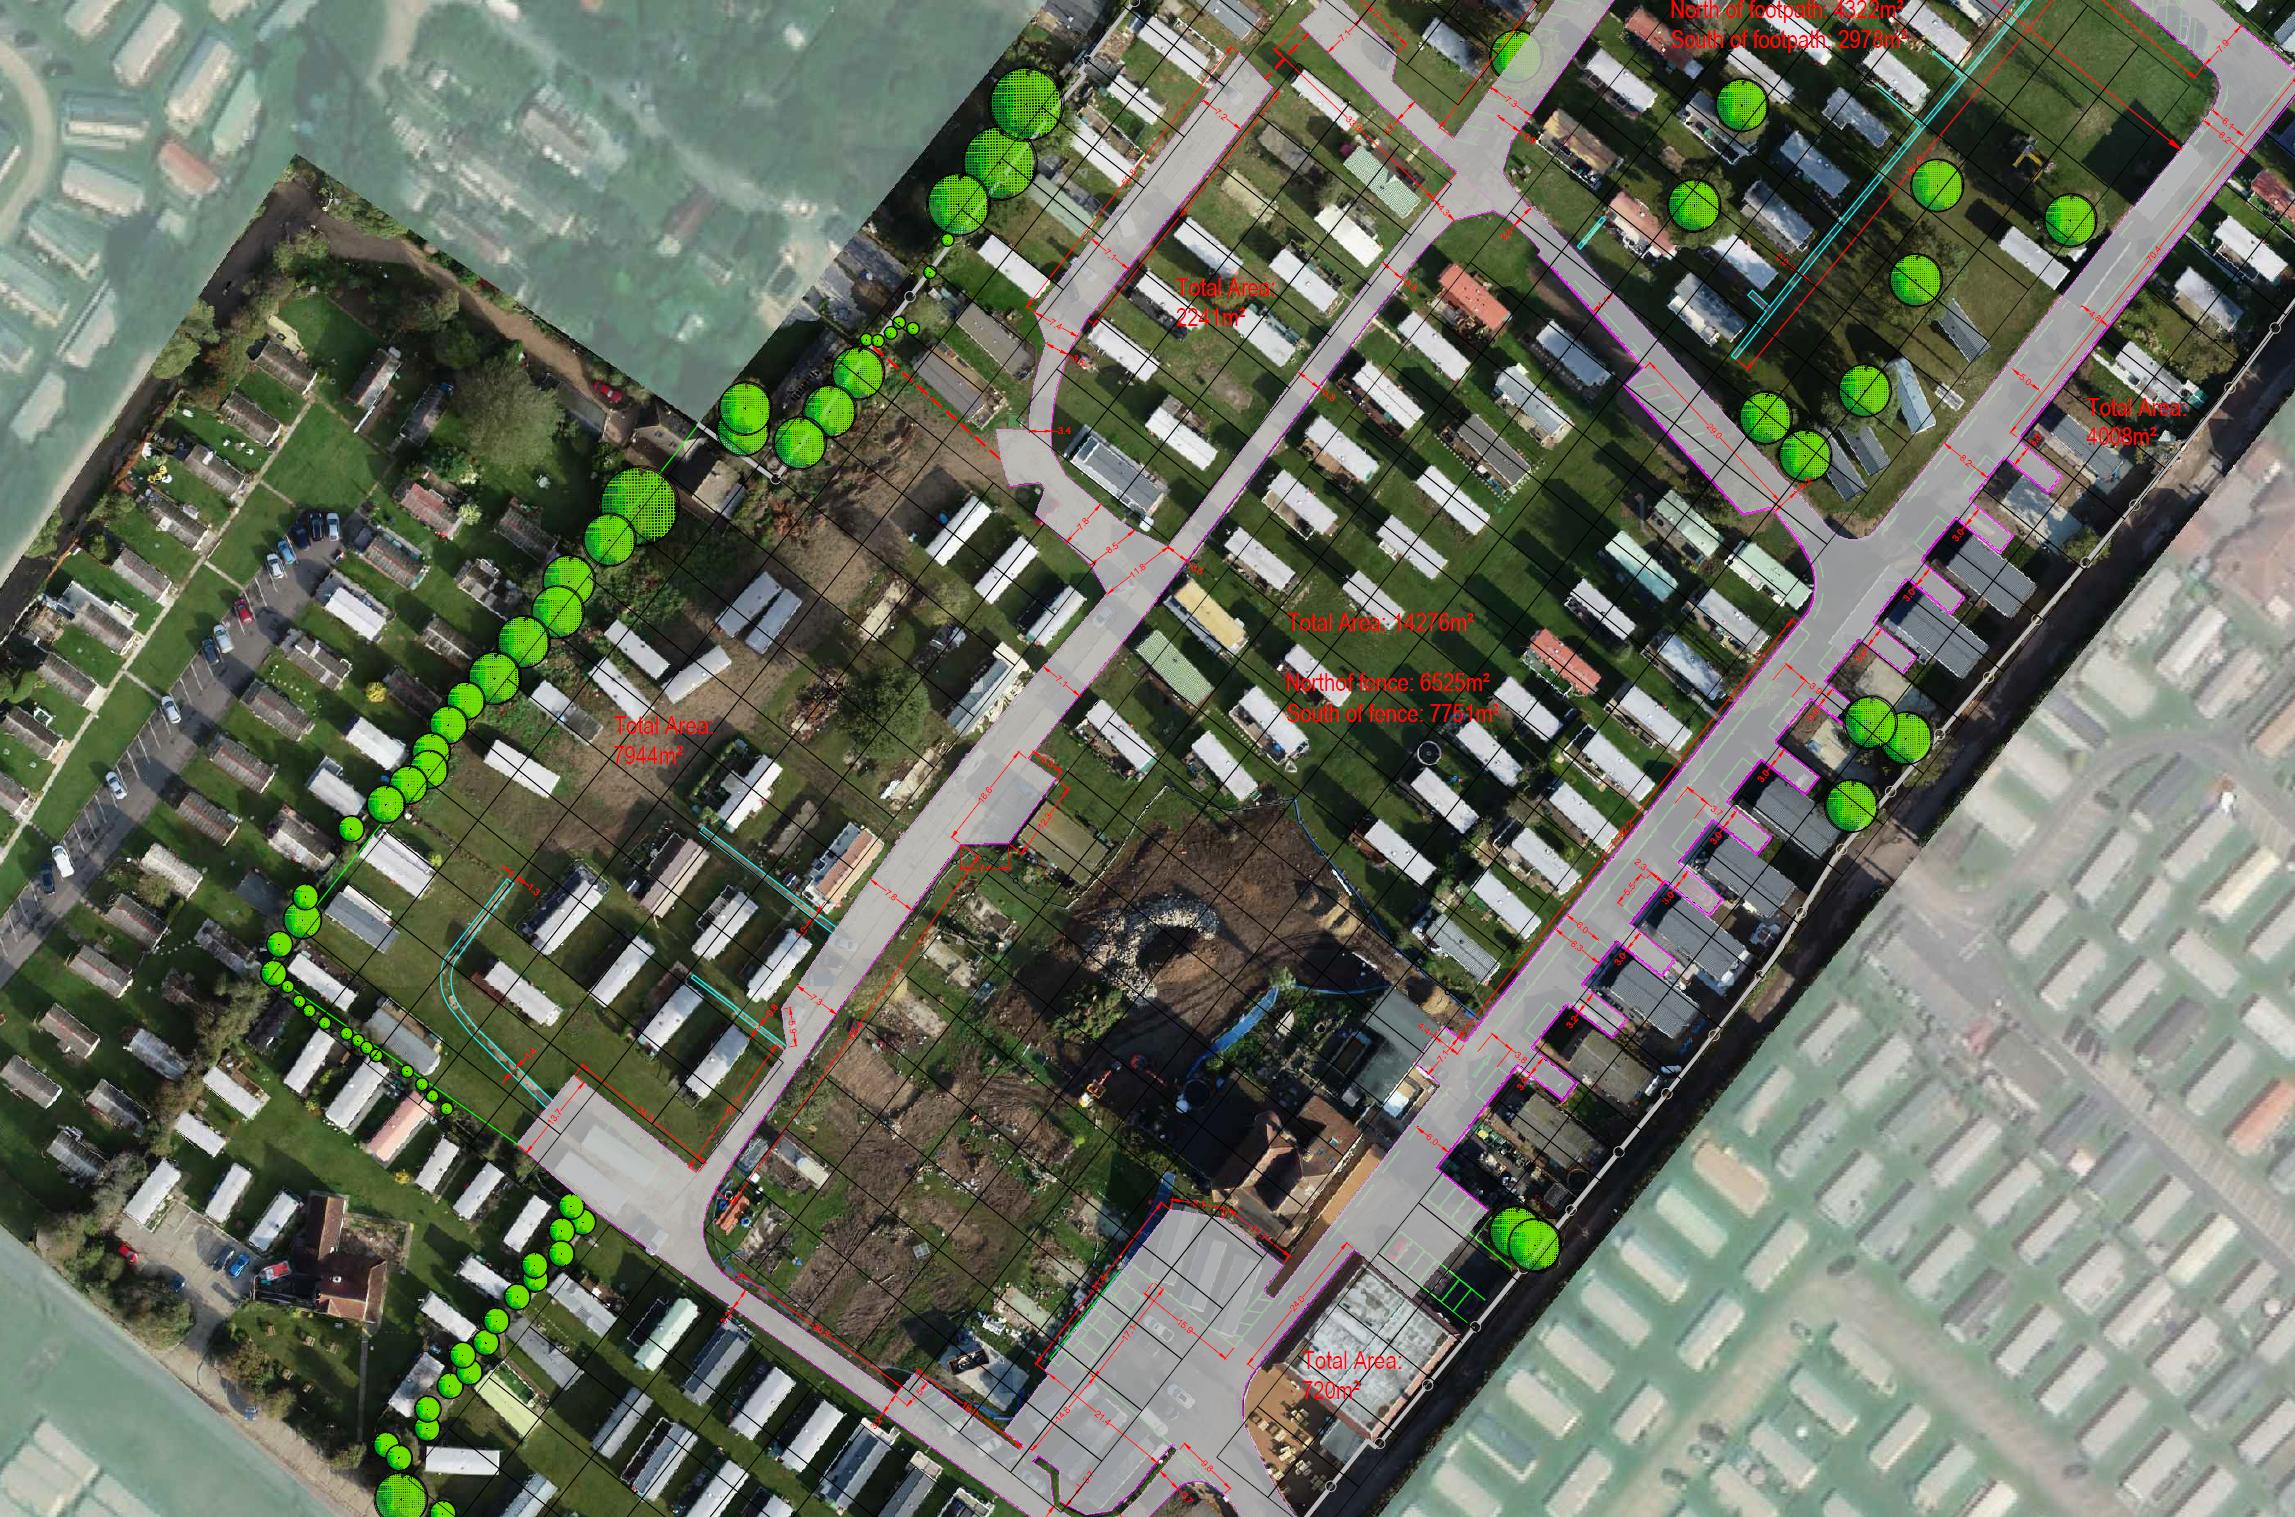 Caravan Park Drone Survey